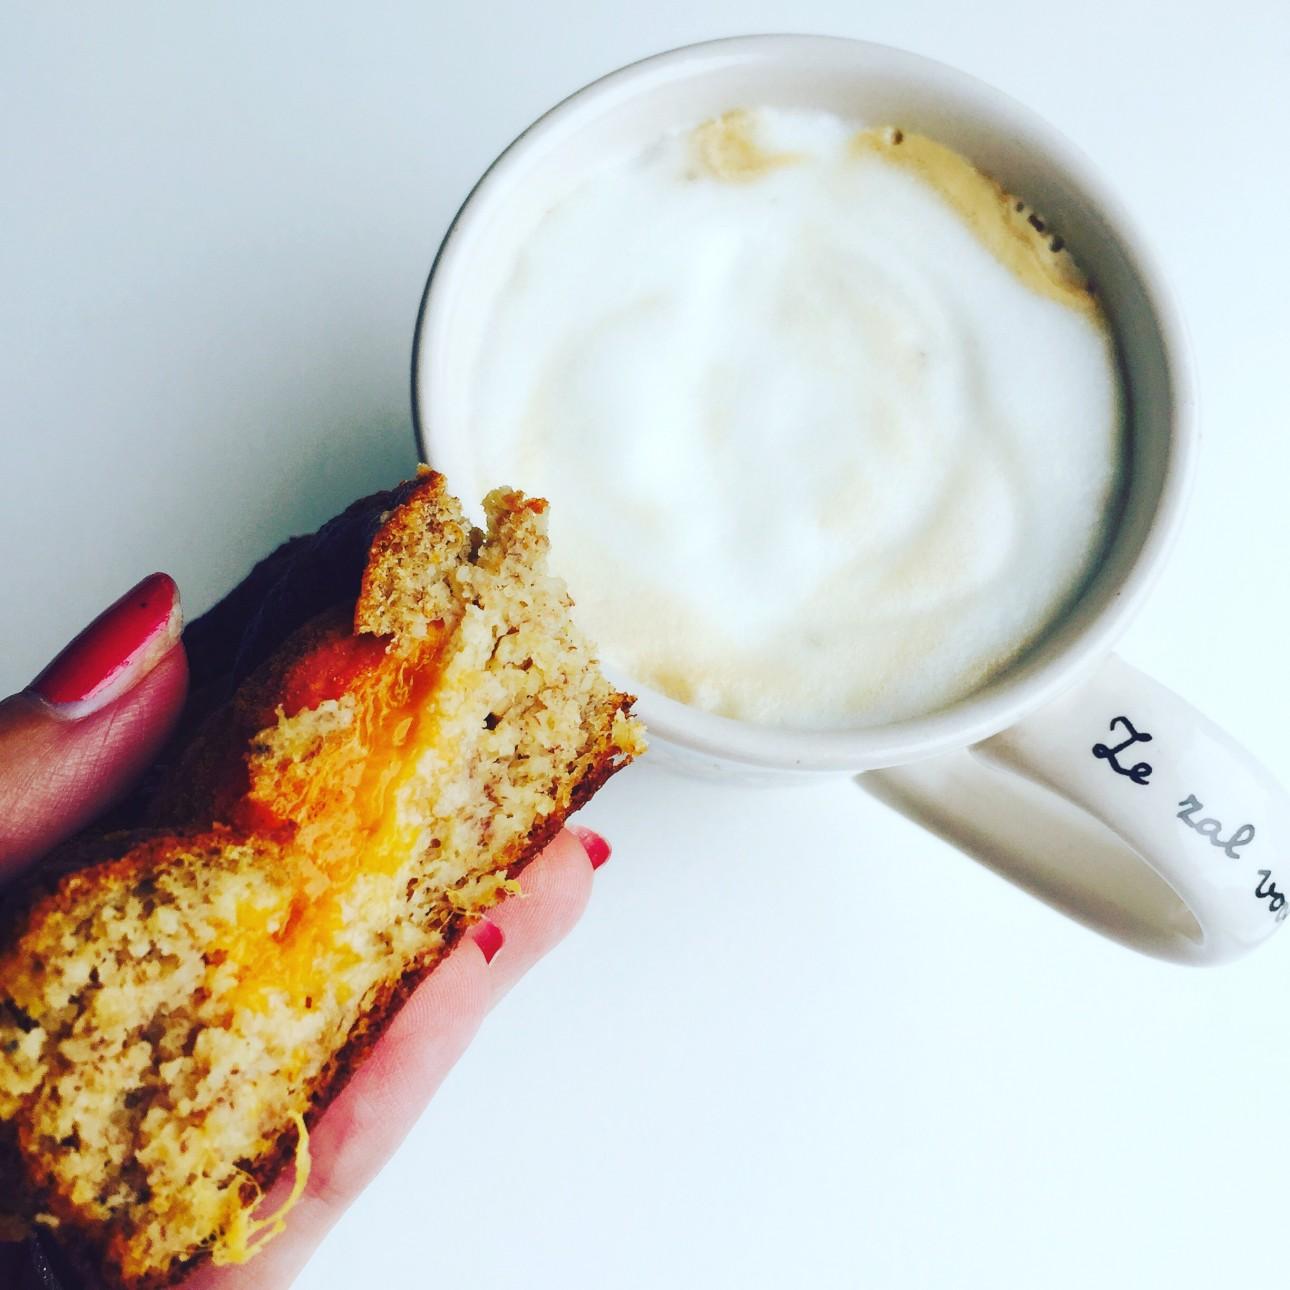 gezonde fruitcake - koffiemoment